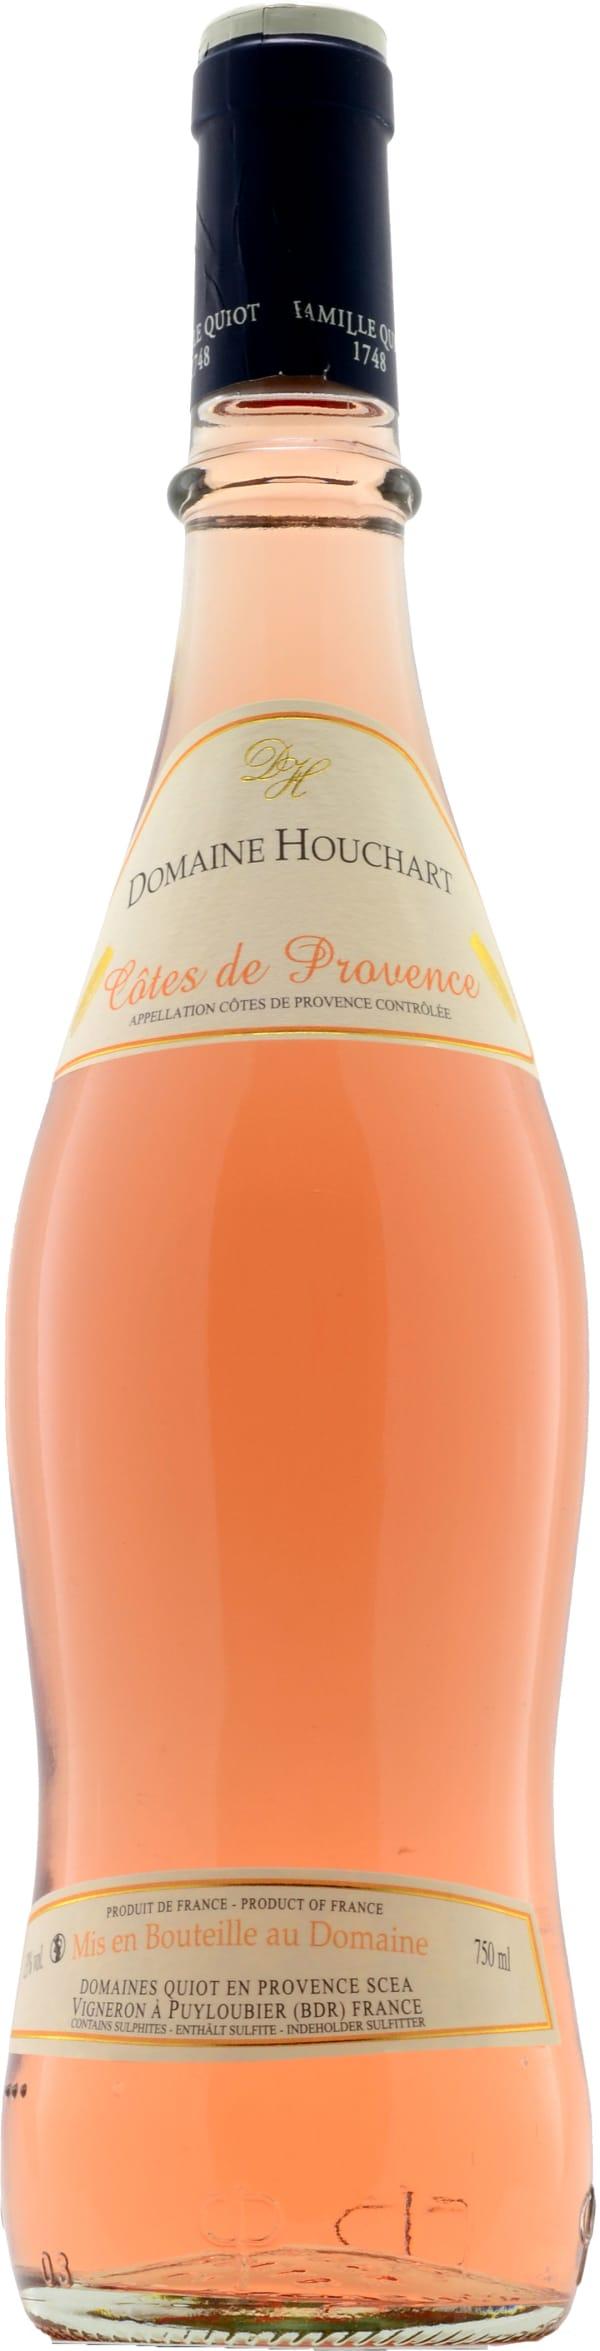 Domaine Houchart Rosé 2016